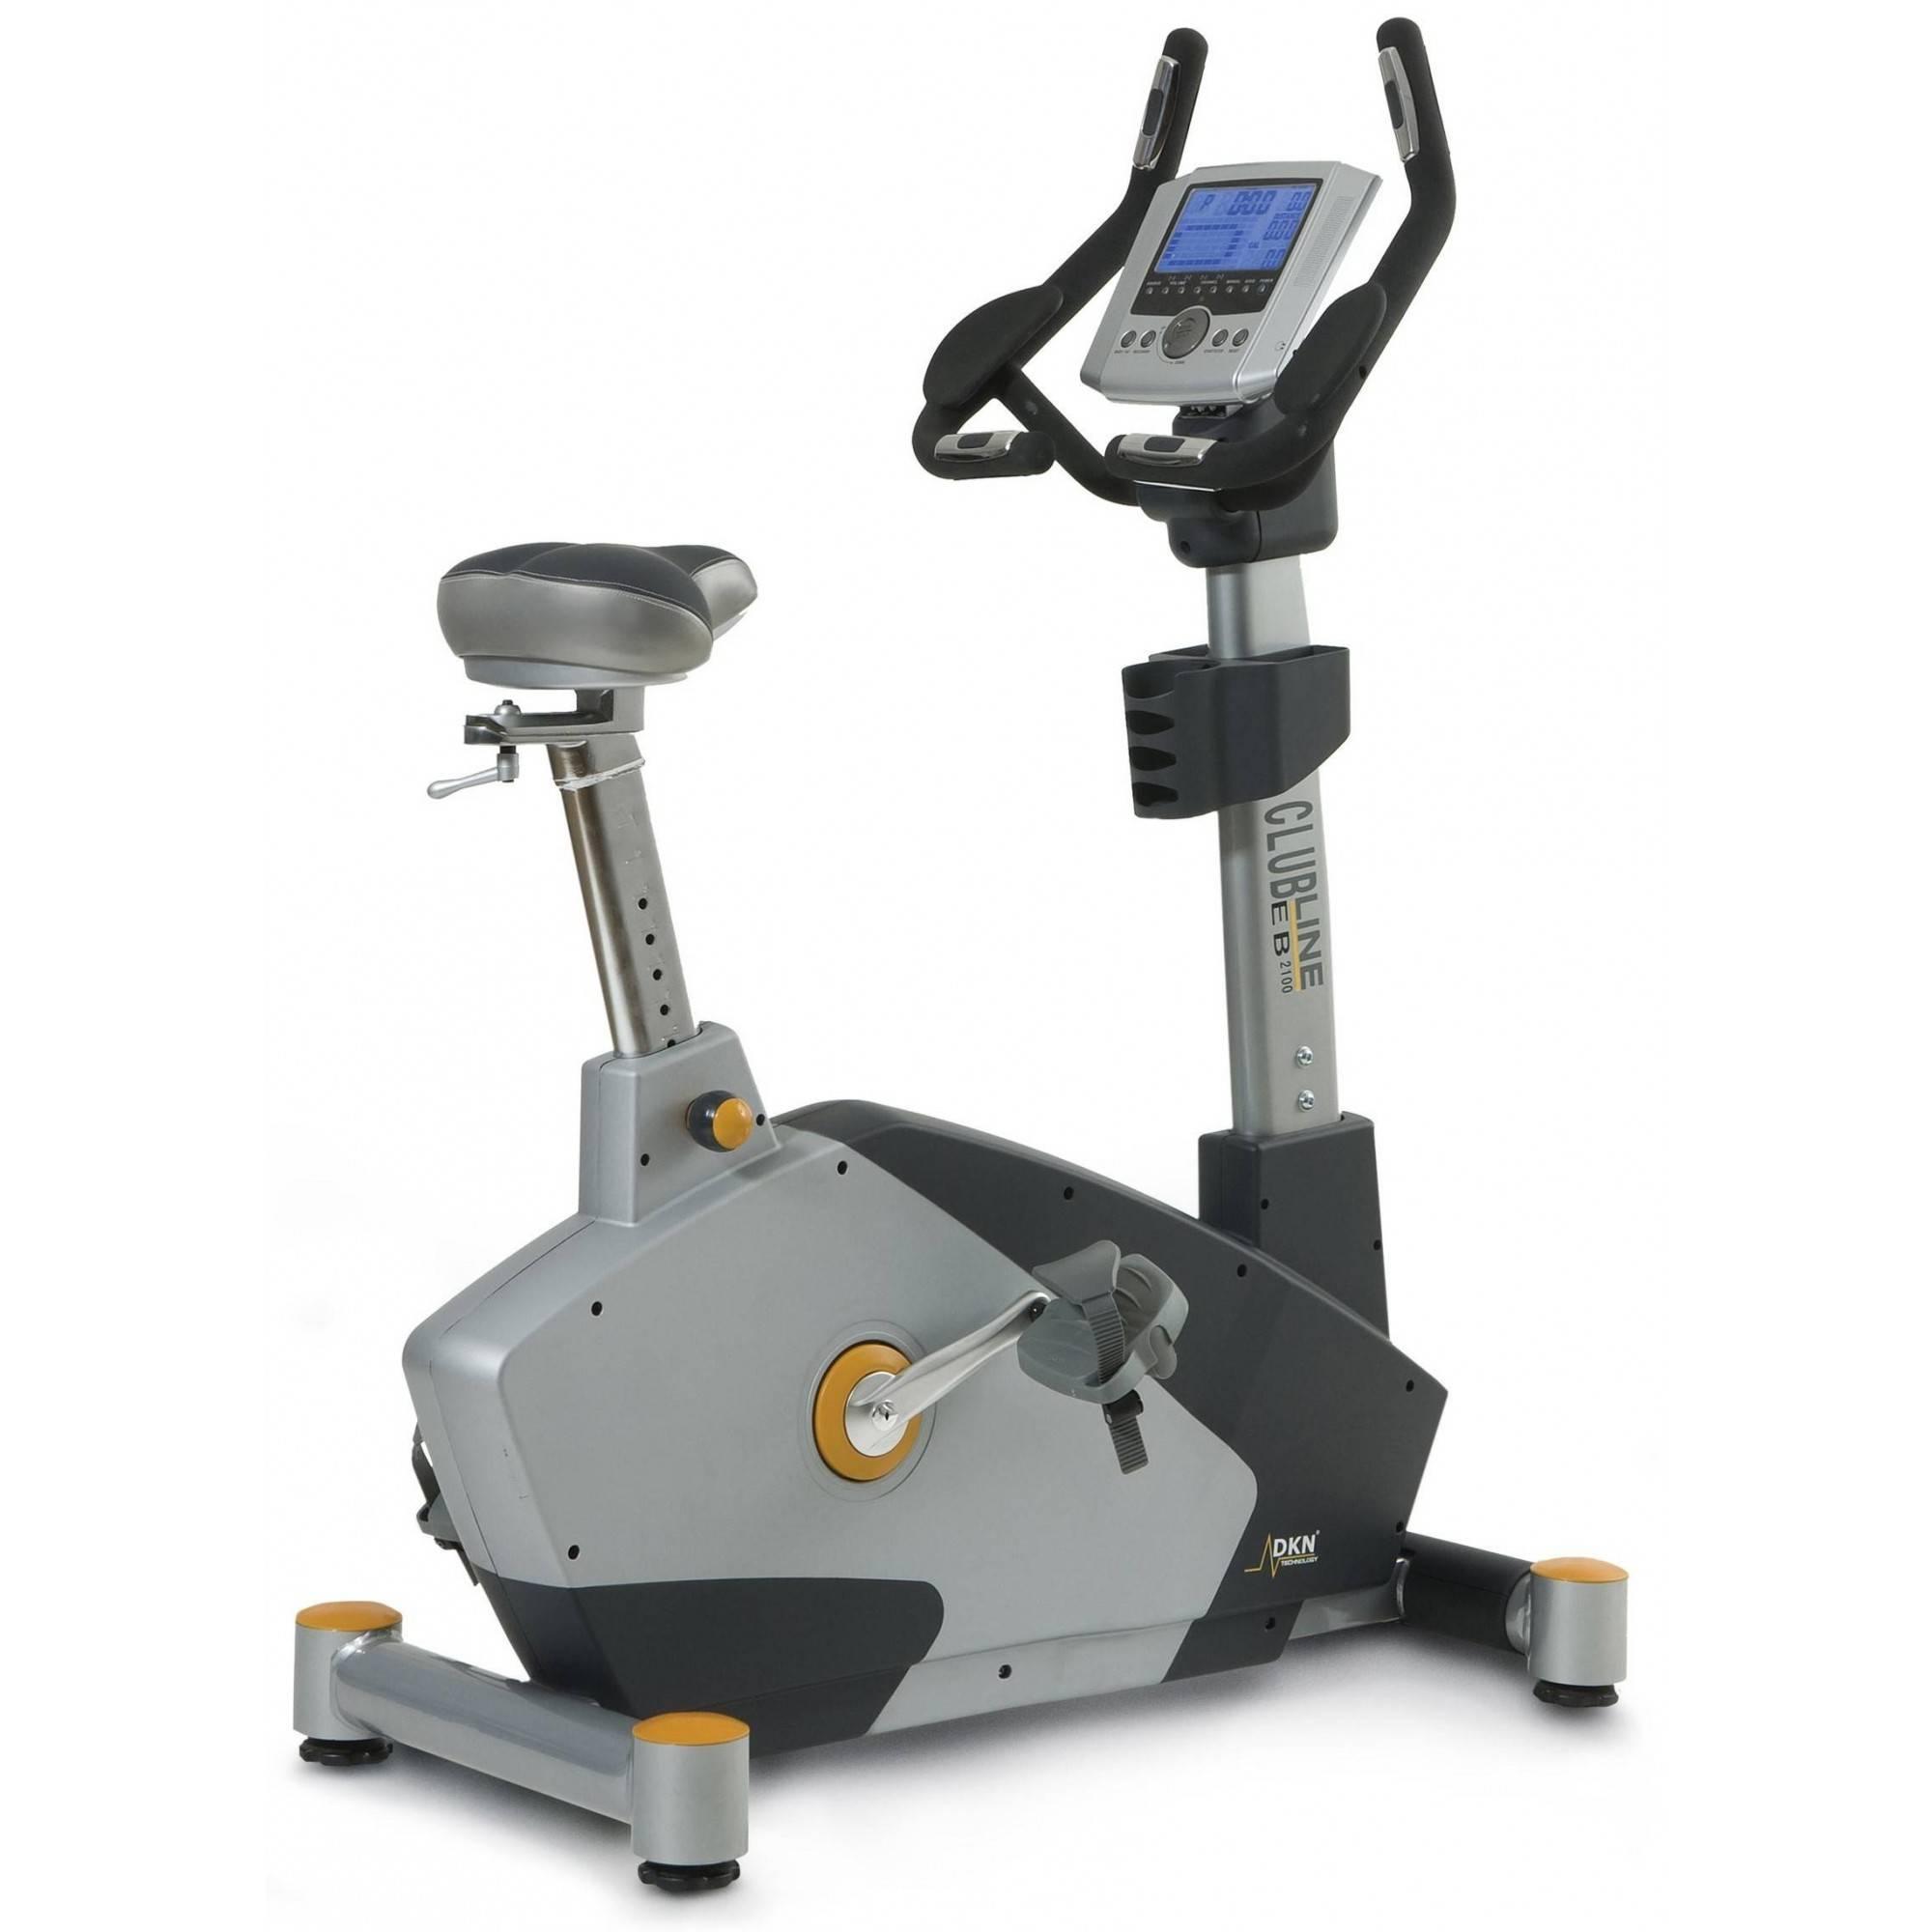 Rower treningowy pionowy DKN EB2100 elektromagnetyczny generator,producent: DKN TECHNOLOGY, zdjecie photo: 1 | klubfitness.pl |